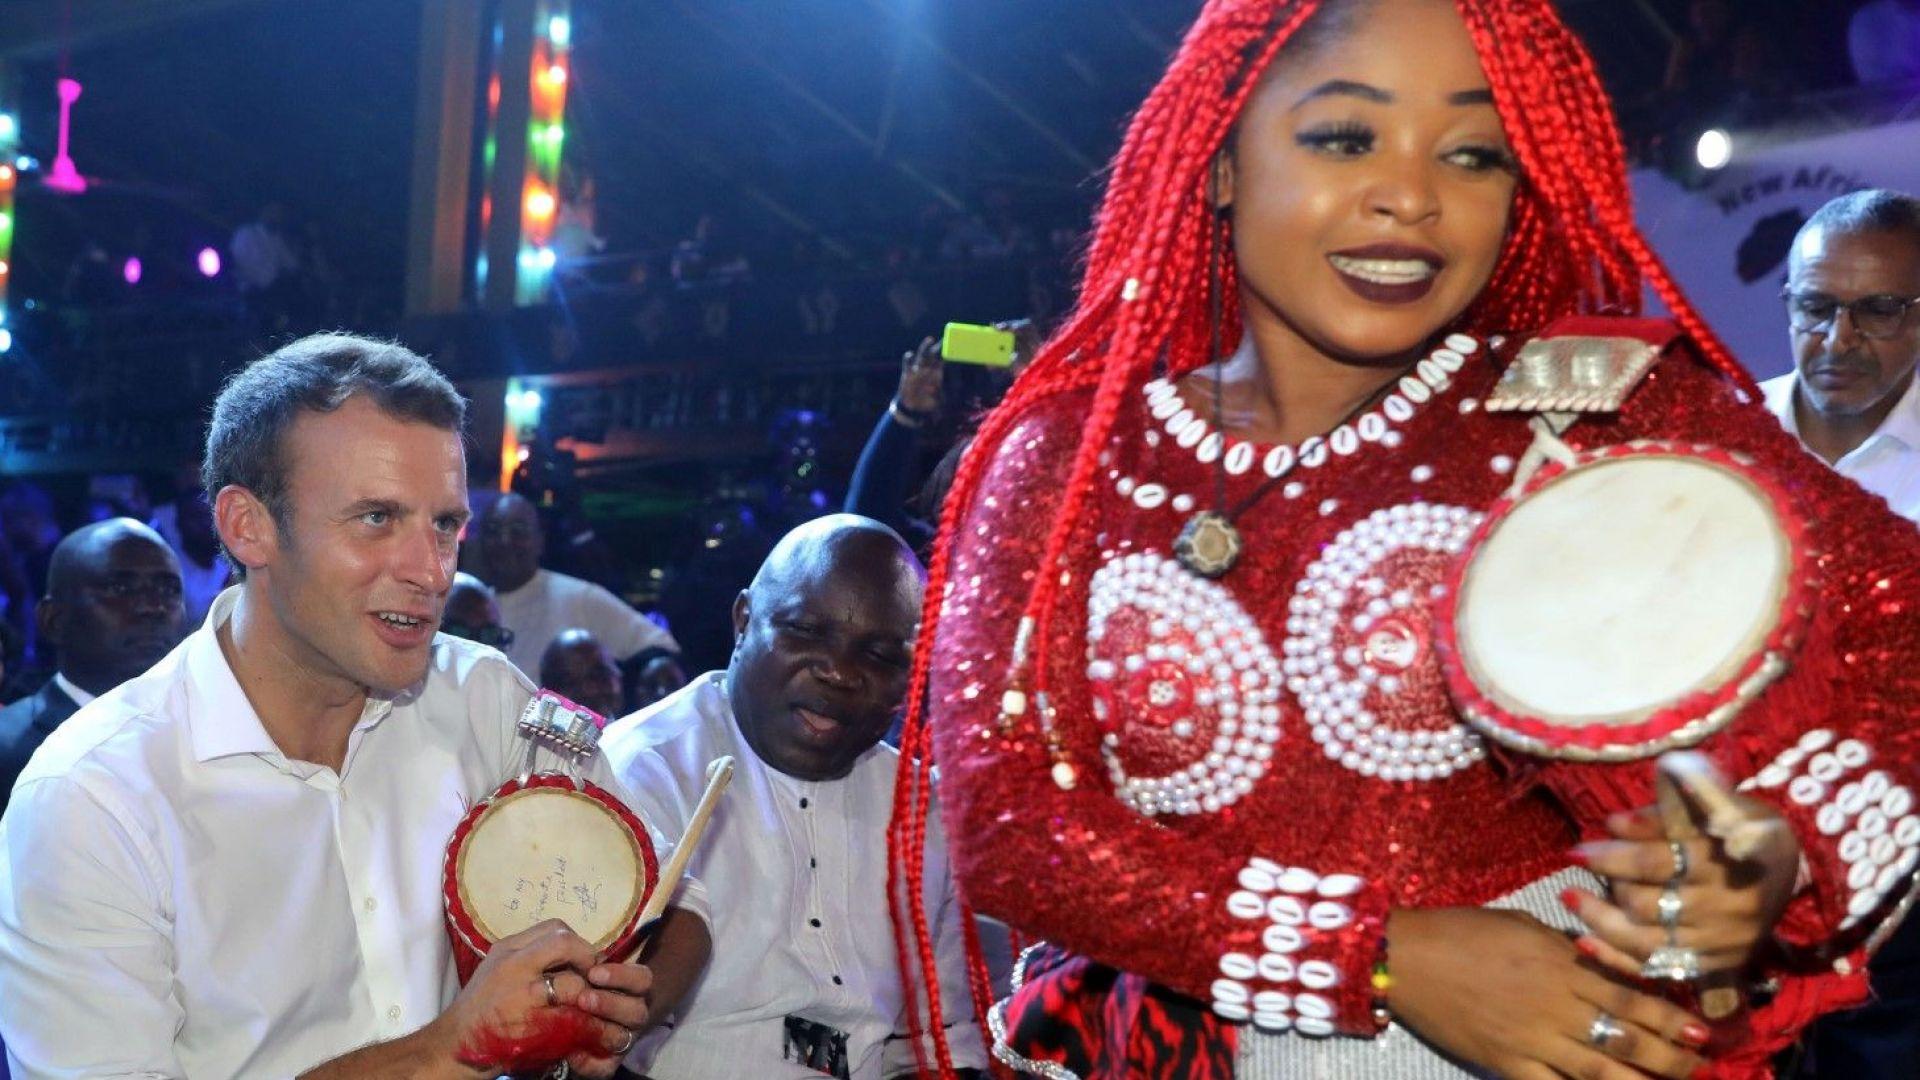 Макрон се весели в нощен клуб в Нигерия (снимки)